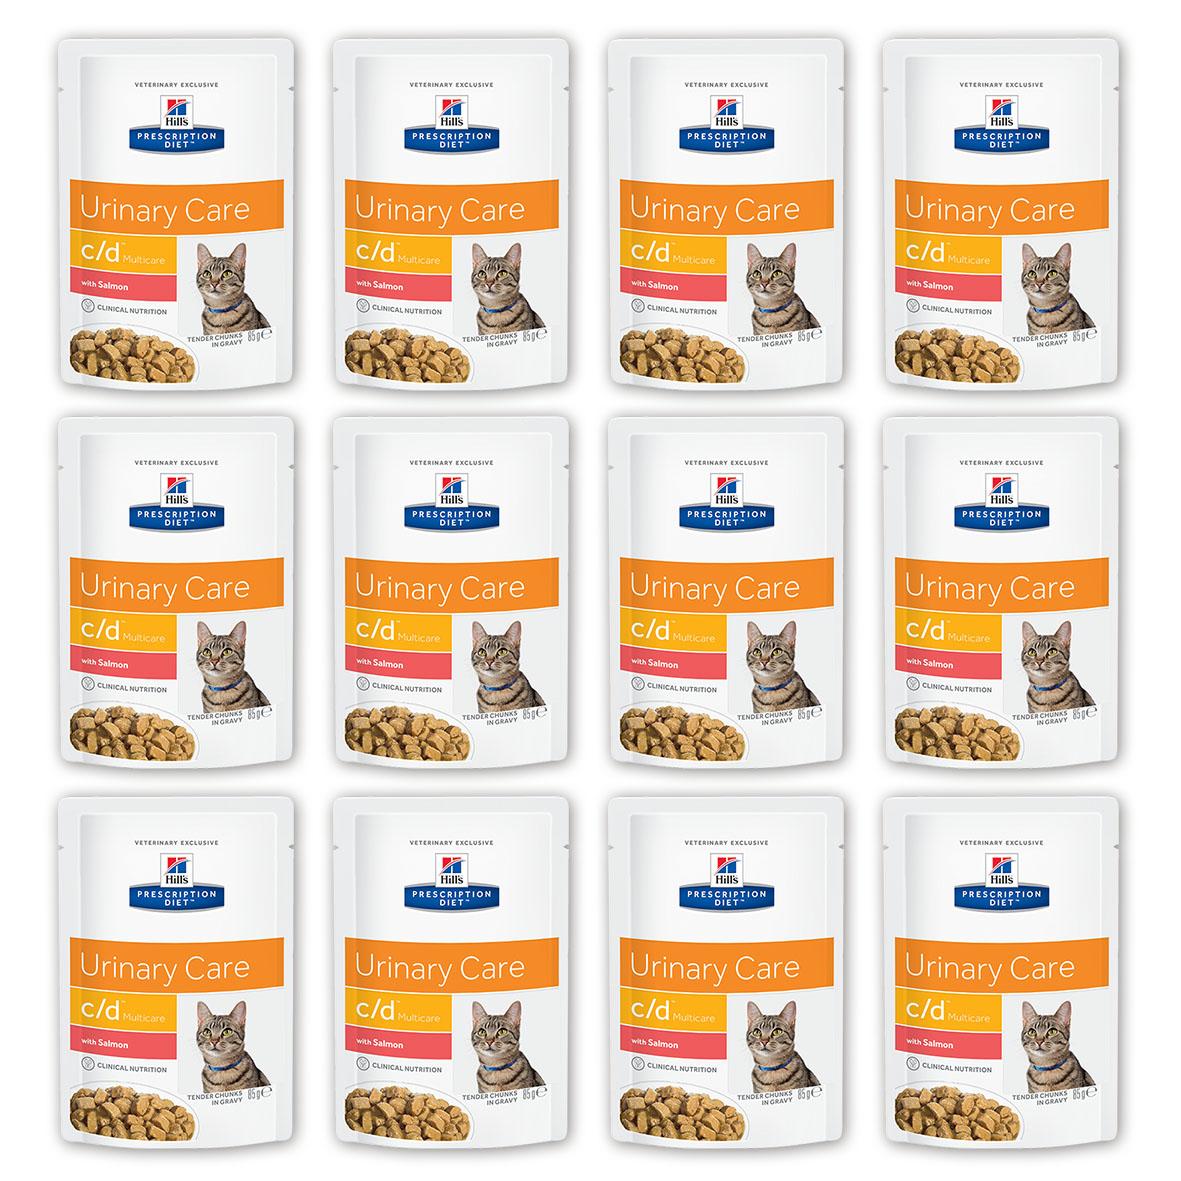 Консервы для кошек Hills Prescription Diet. C/D, для профилактики мочекаменной болезни, с лососем, 85 г, 12 шт3408_12Консервы для кошек Hills Prescription Diet. C/D рекомендуются на начальном этапе у кошек с любым типом заболеваний нижних отделов мочевыводящих путей, в том числе кристаллурией и/или уролитиазом любого генеза, уретральными пробками и идиопатическим циститом кошек. Подходят для долговременного использования для кошек, склонных к: - образованию струвитных кристаллов и уролитов, кристаллов и уролитов кальция оксалата и кальция фосфата (снижение появления и частоты рецидивов); - формированию уретральных пробок (почти всегда вызванных кристаллами струвита или кальция фосфата); - идиопатическому циститу (в этом случае особенно рекомендуется к применению консервированный рацион или пауч Hills Prescription Diet c/d Multicare Feline). Не рекомендуется: - Котятам. - Беременным и кормящим кошкам. - Кошкам, получающим вещества, закисляющие мочу. Дополнительная информация: - Клинически доказано: растворяет струвиты...